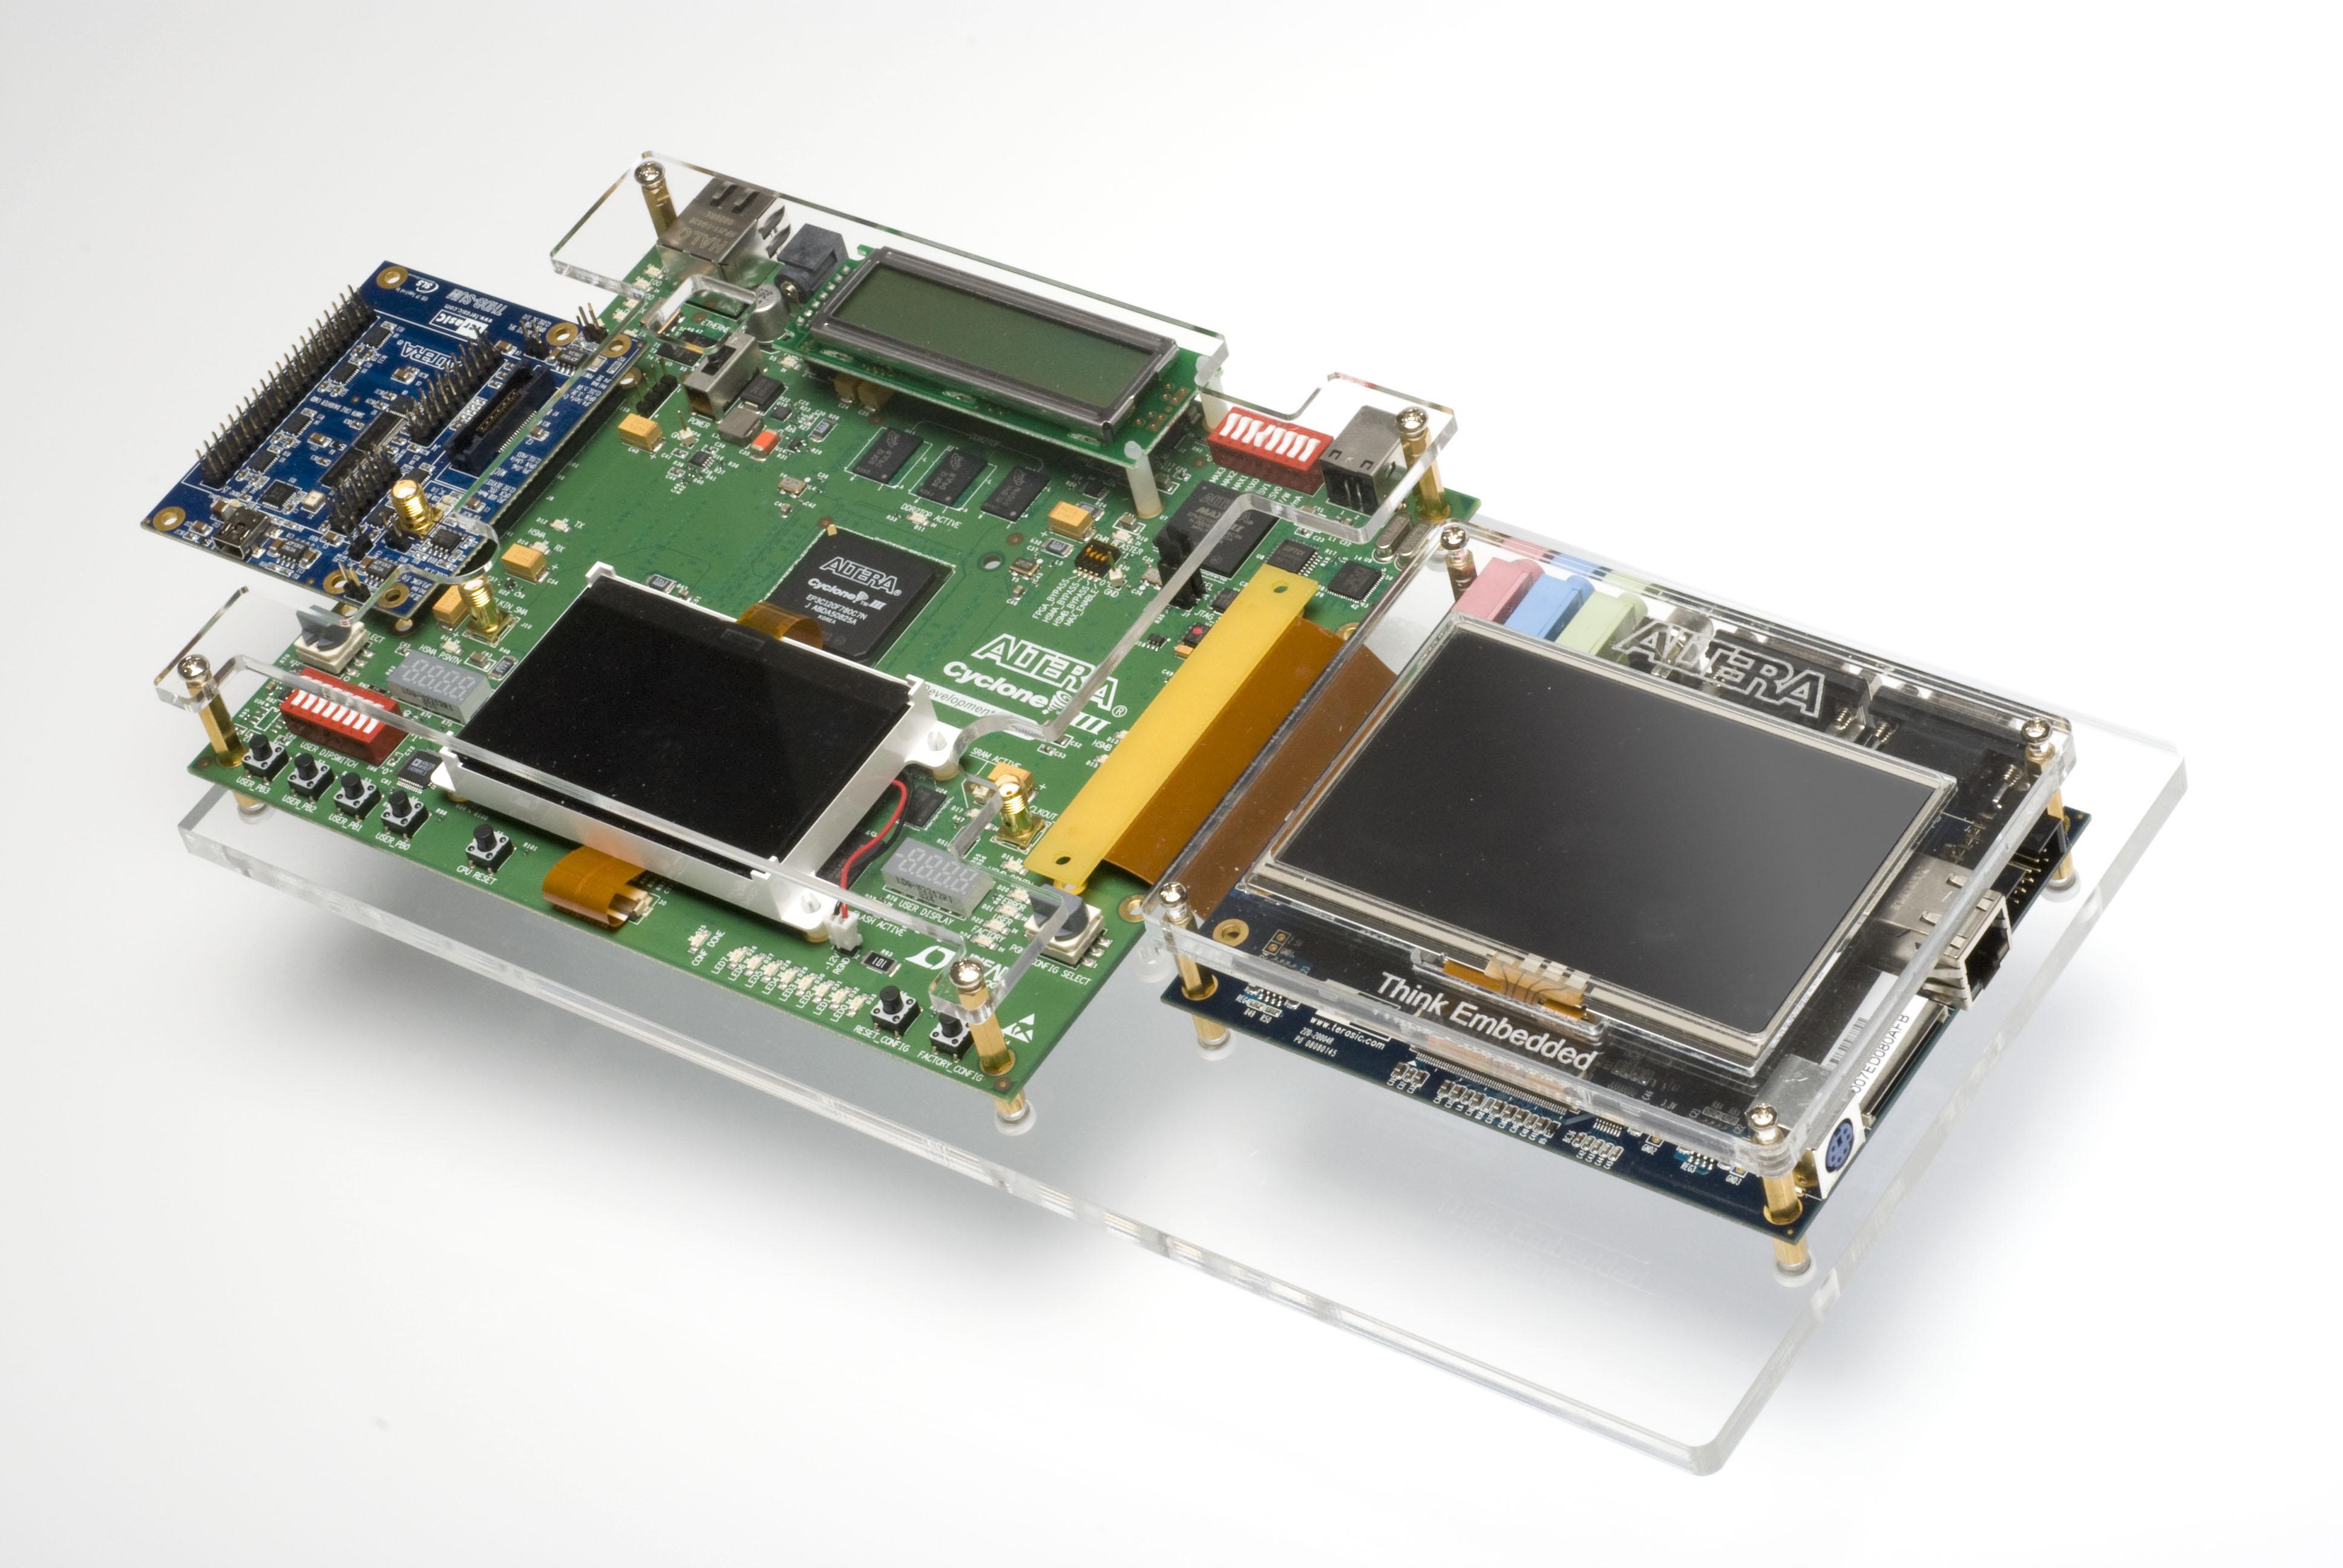 嵌入式开发商QNX与大连东显达成分销合作协议